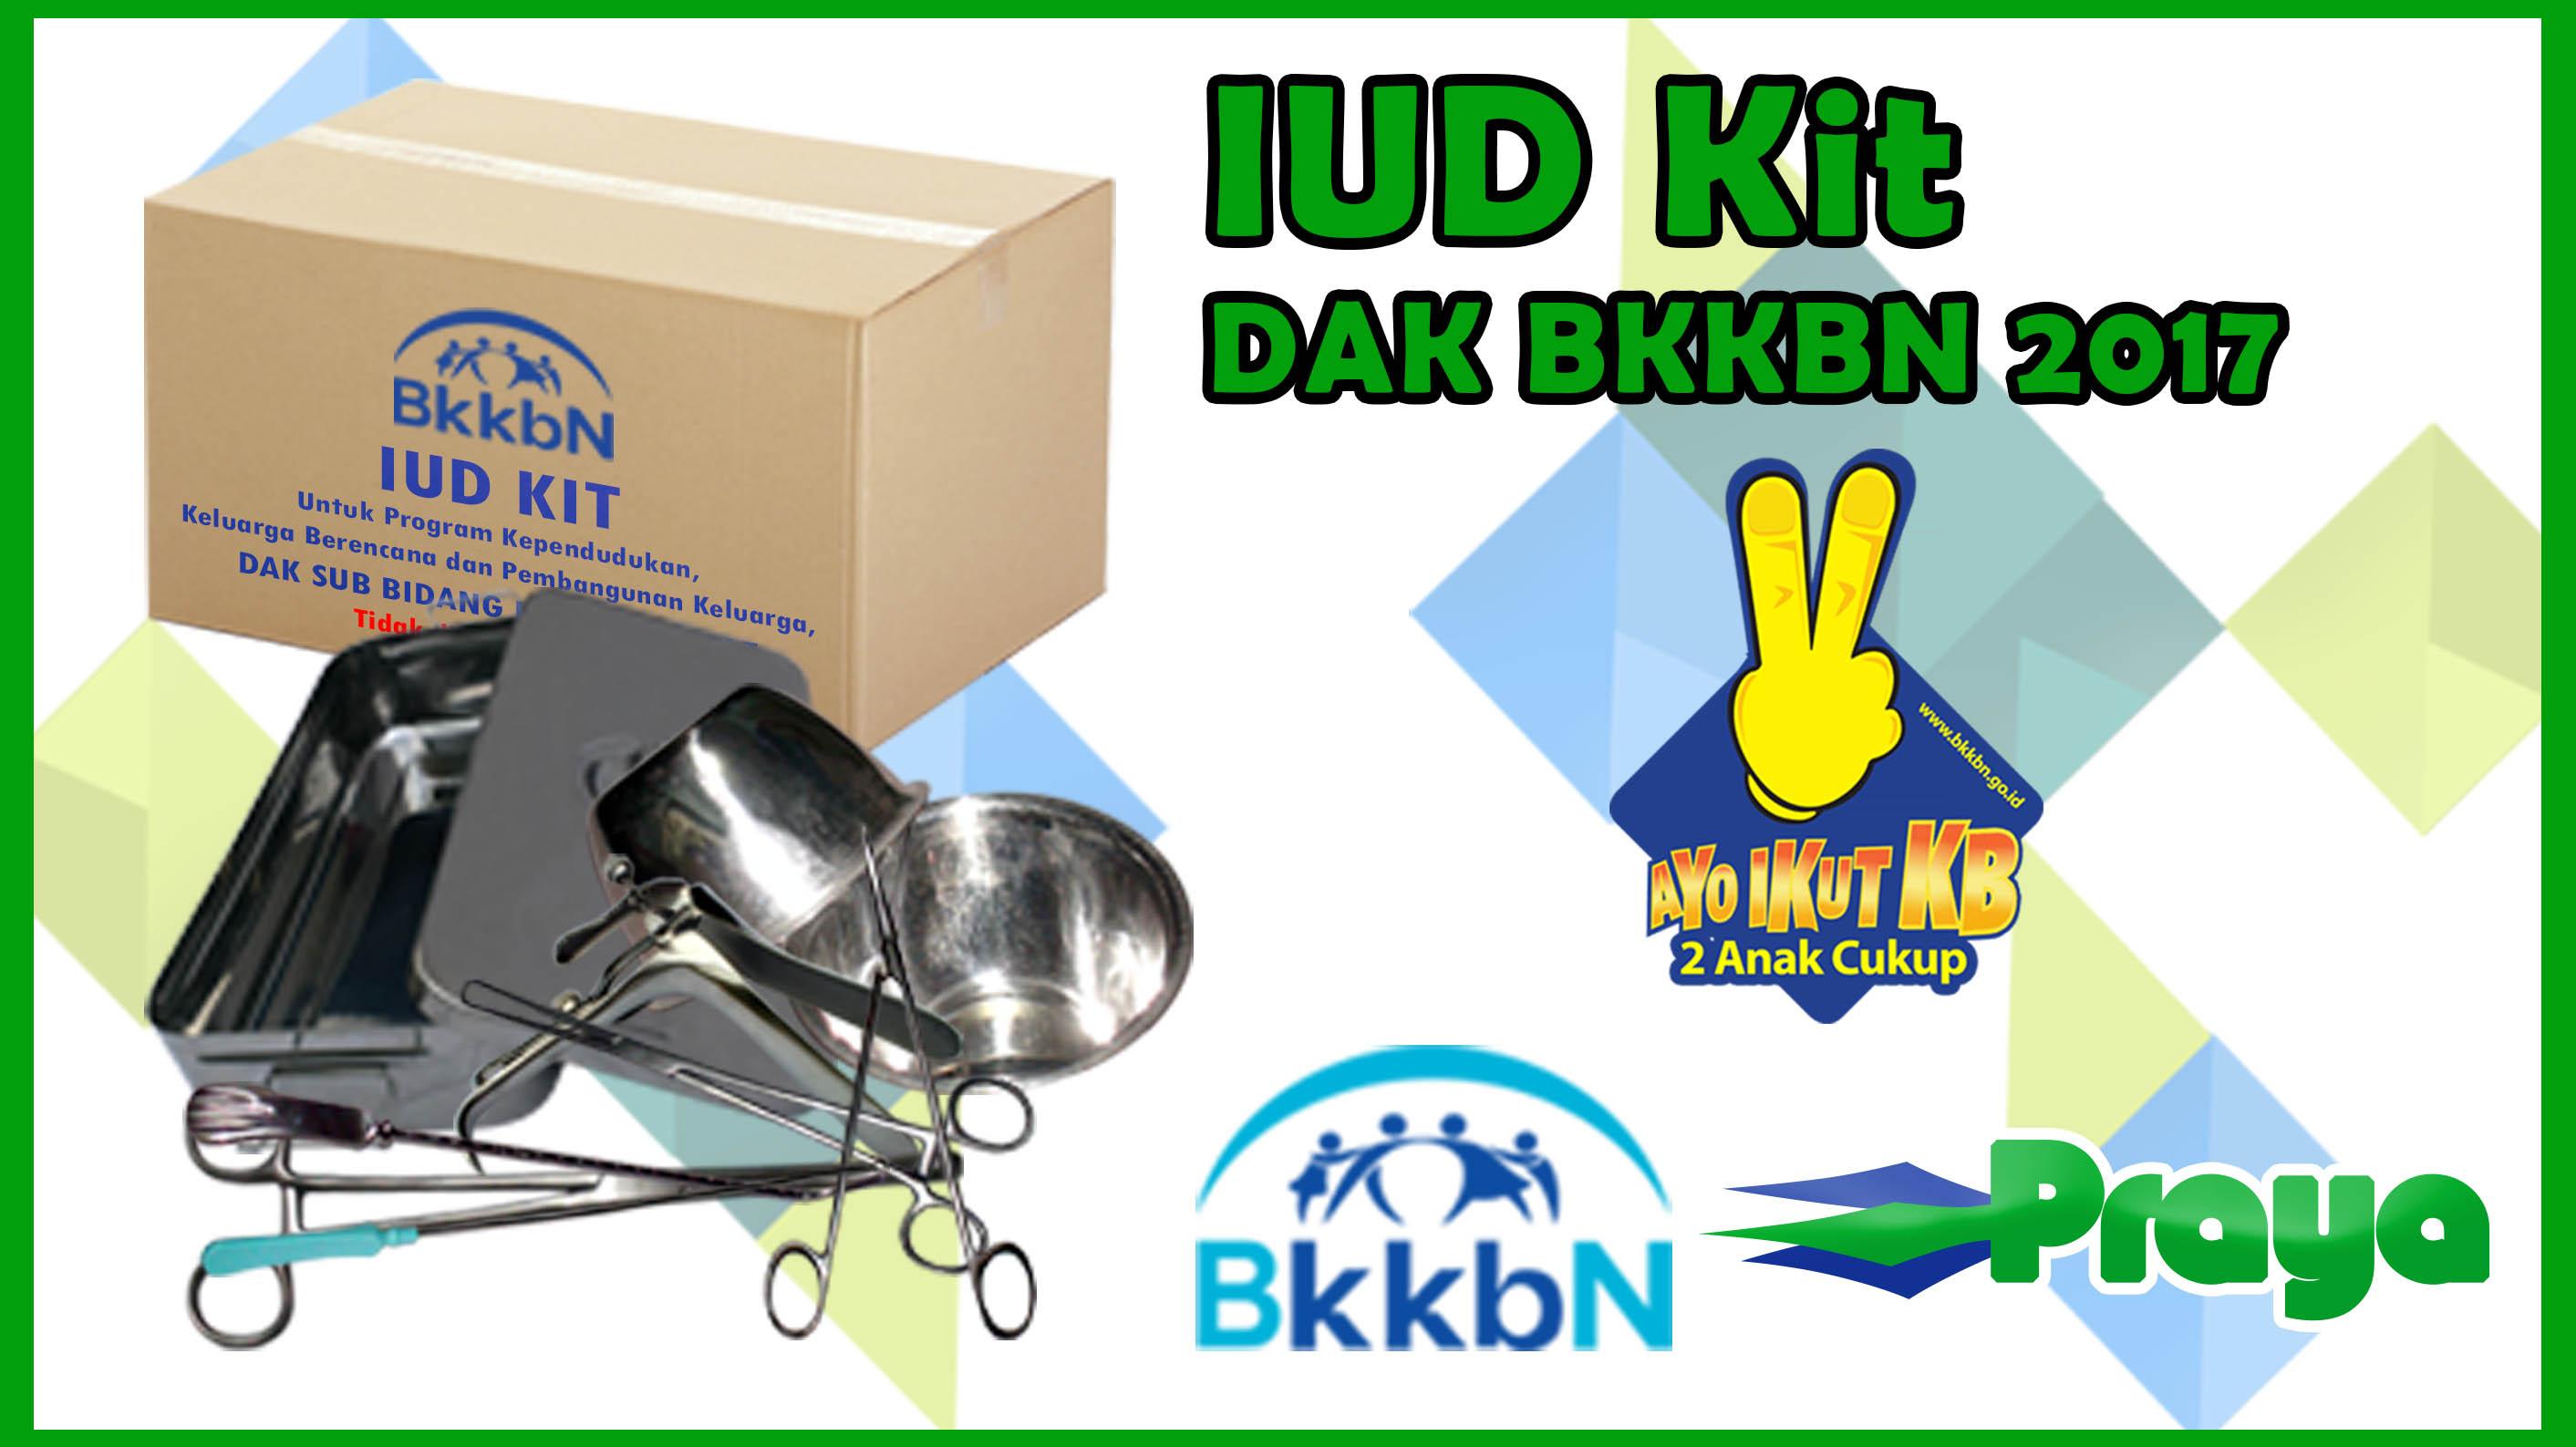 IUD KIT DAK BKKBN 2017